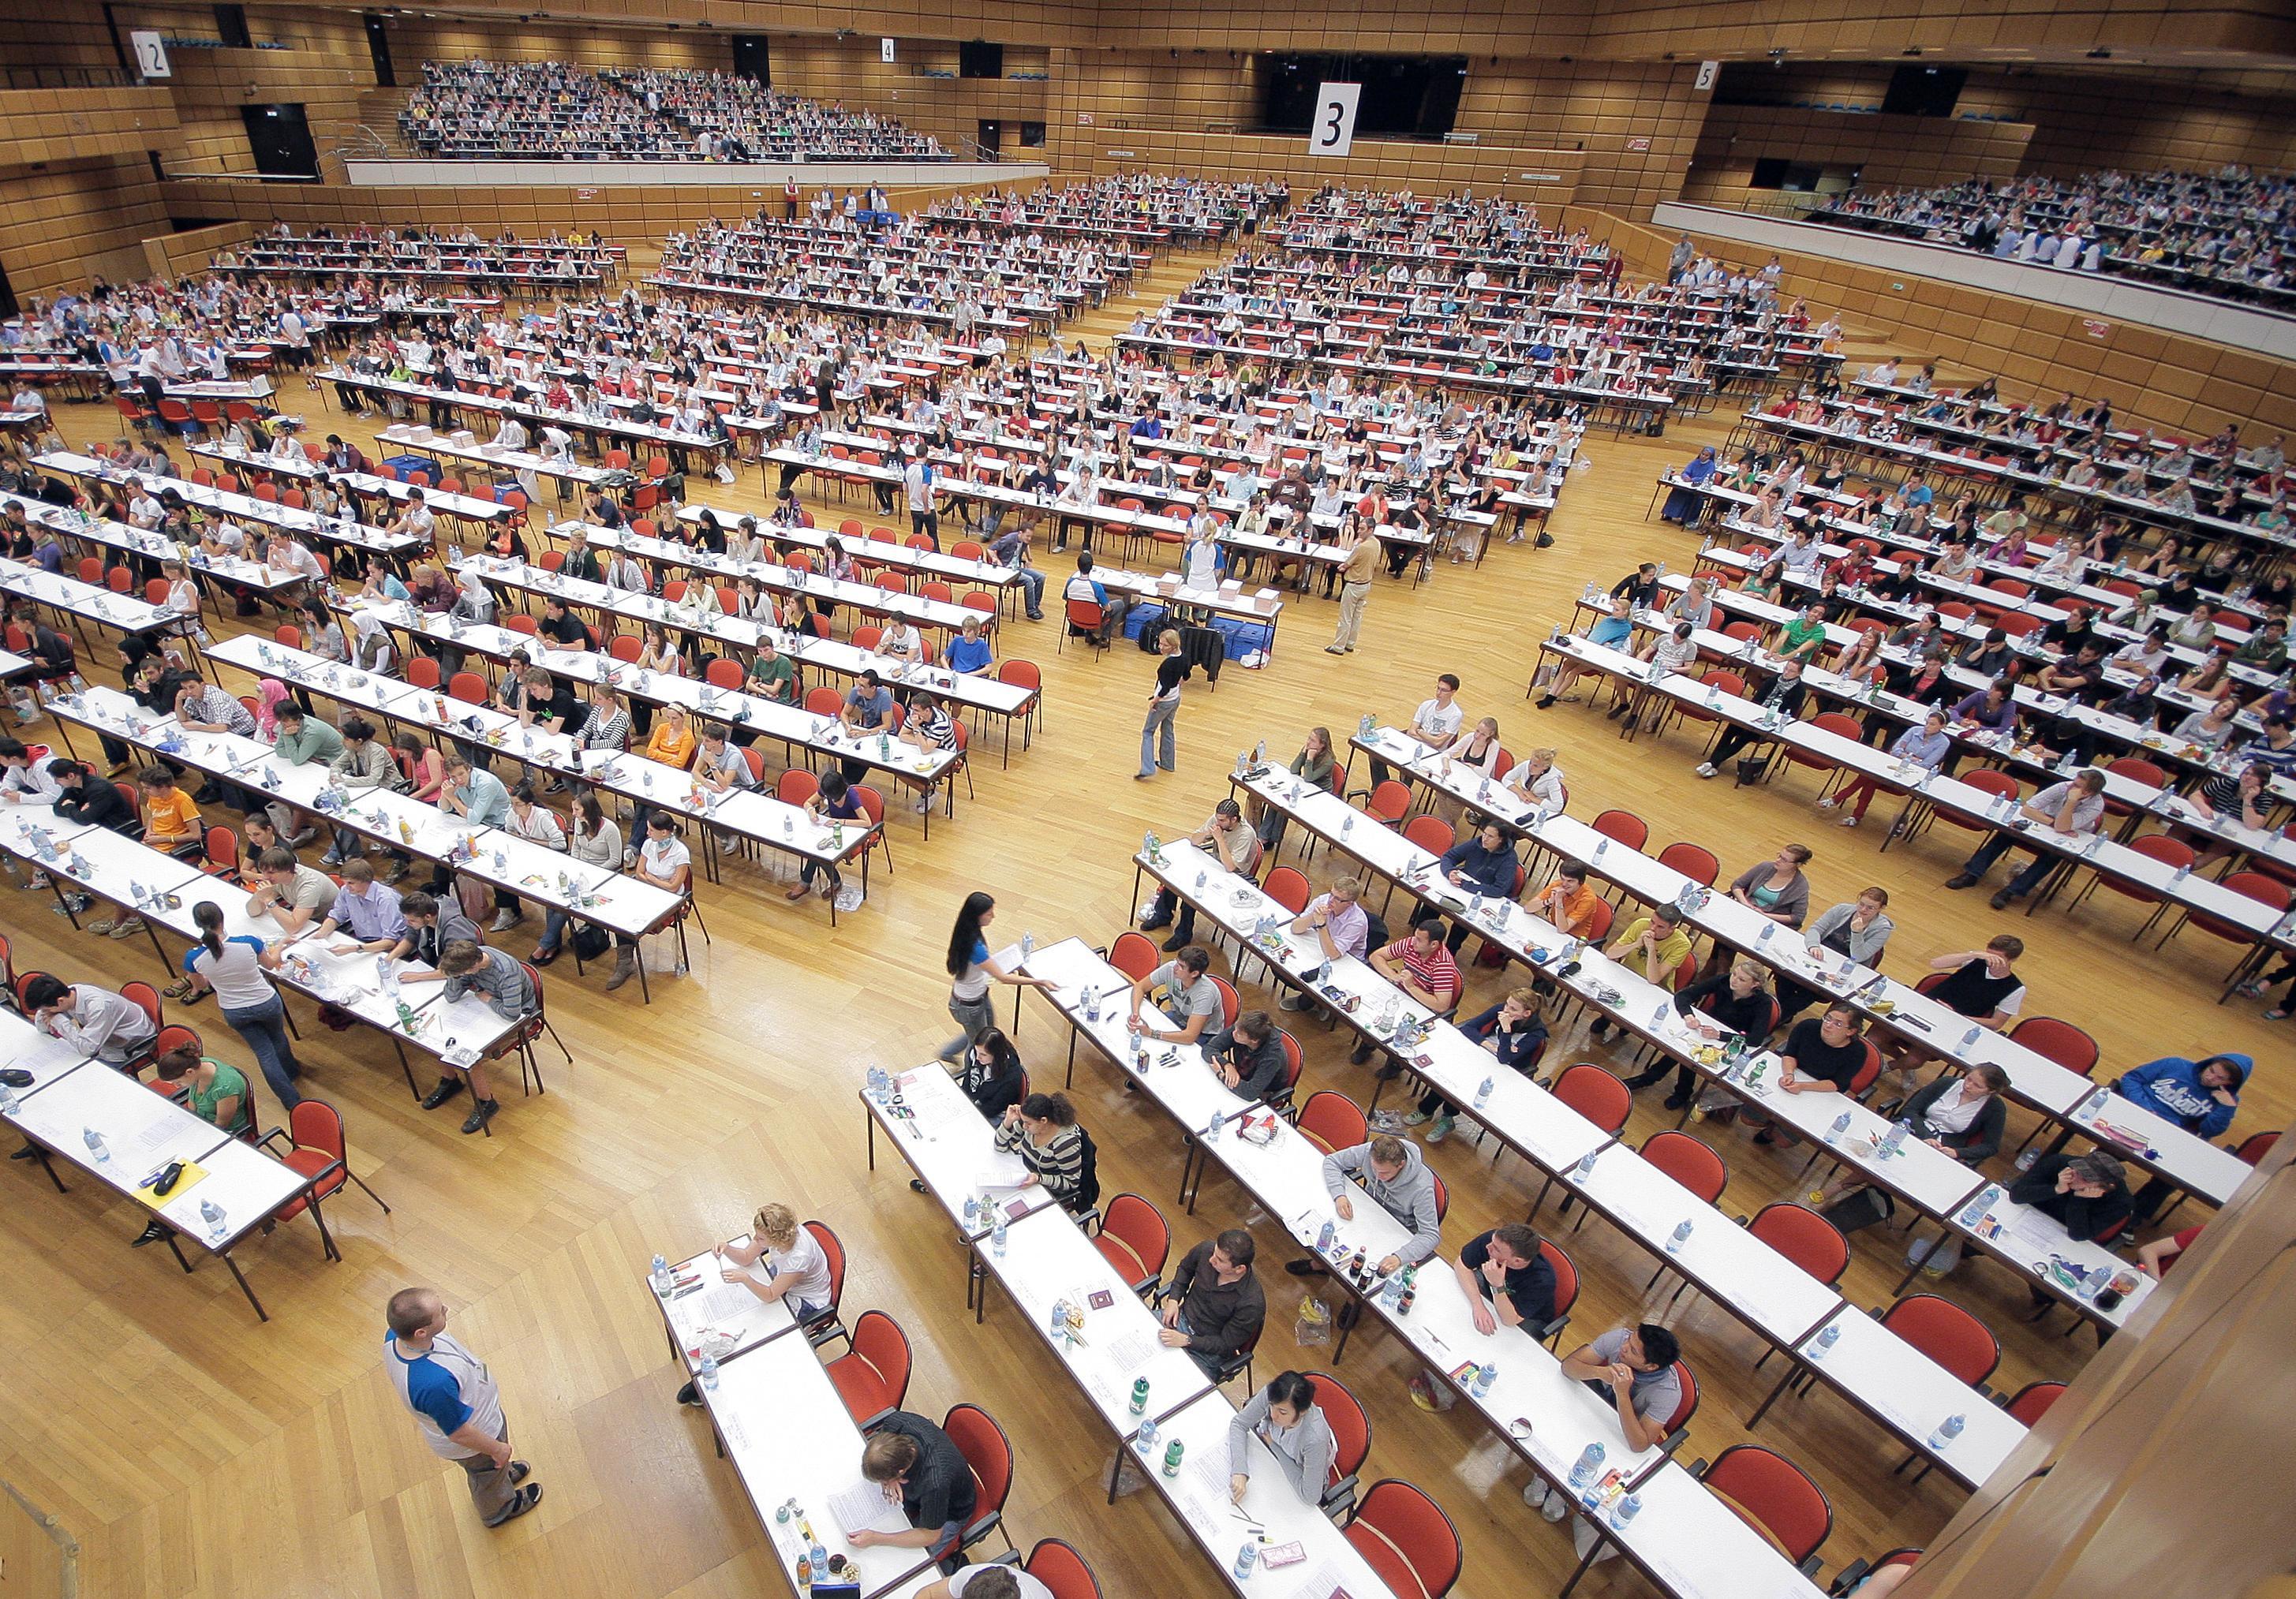 Bewerber warten im Austria Center Vienna auf den Prüfungsbeginn des Eignungstests für das Medizinstudium an der Universität Wien.